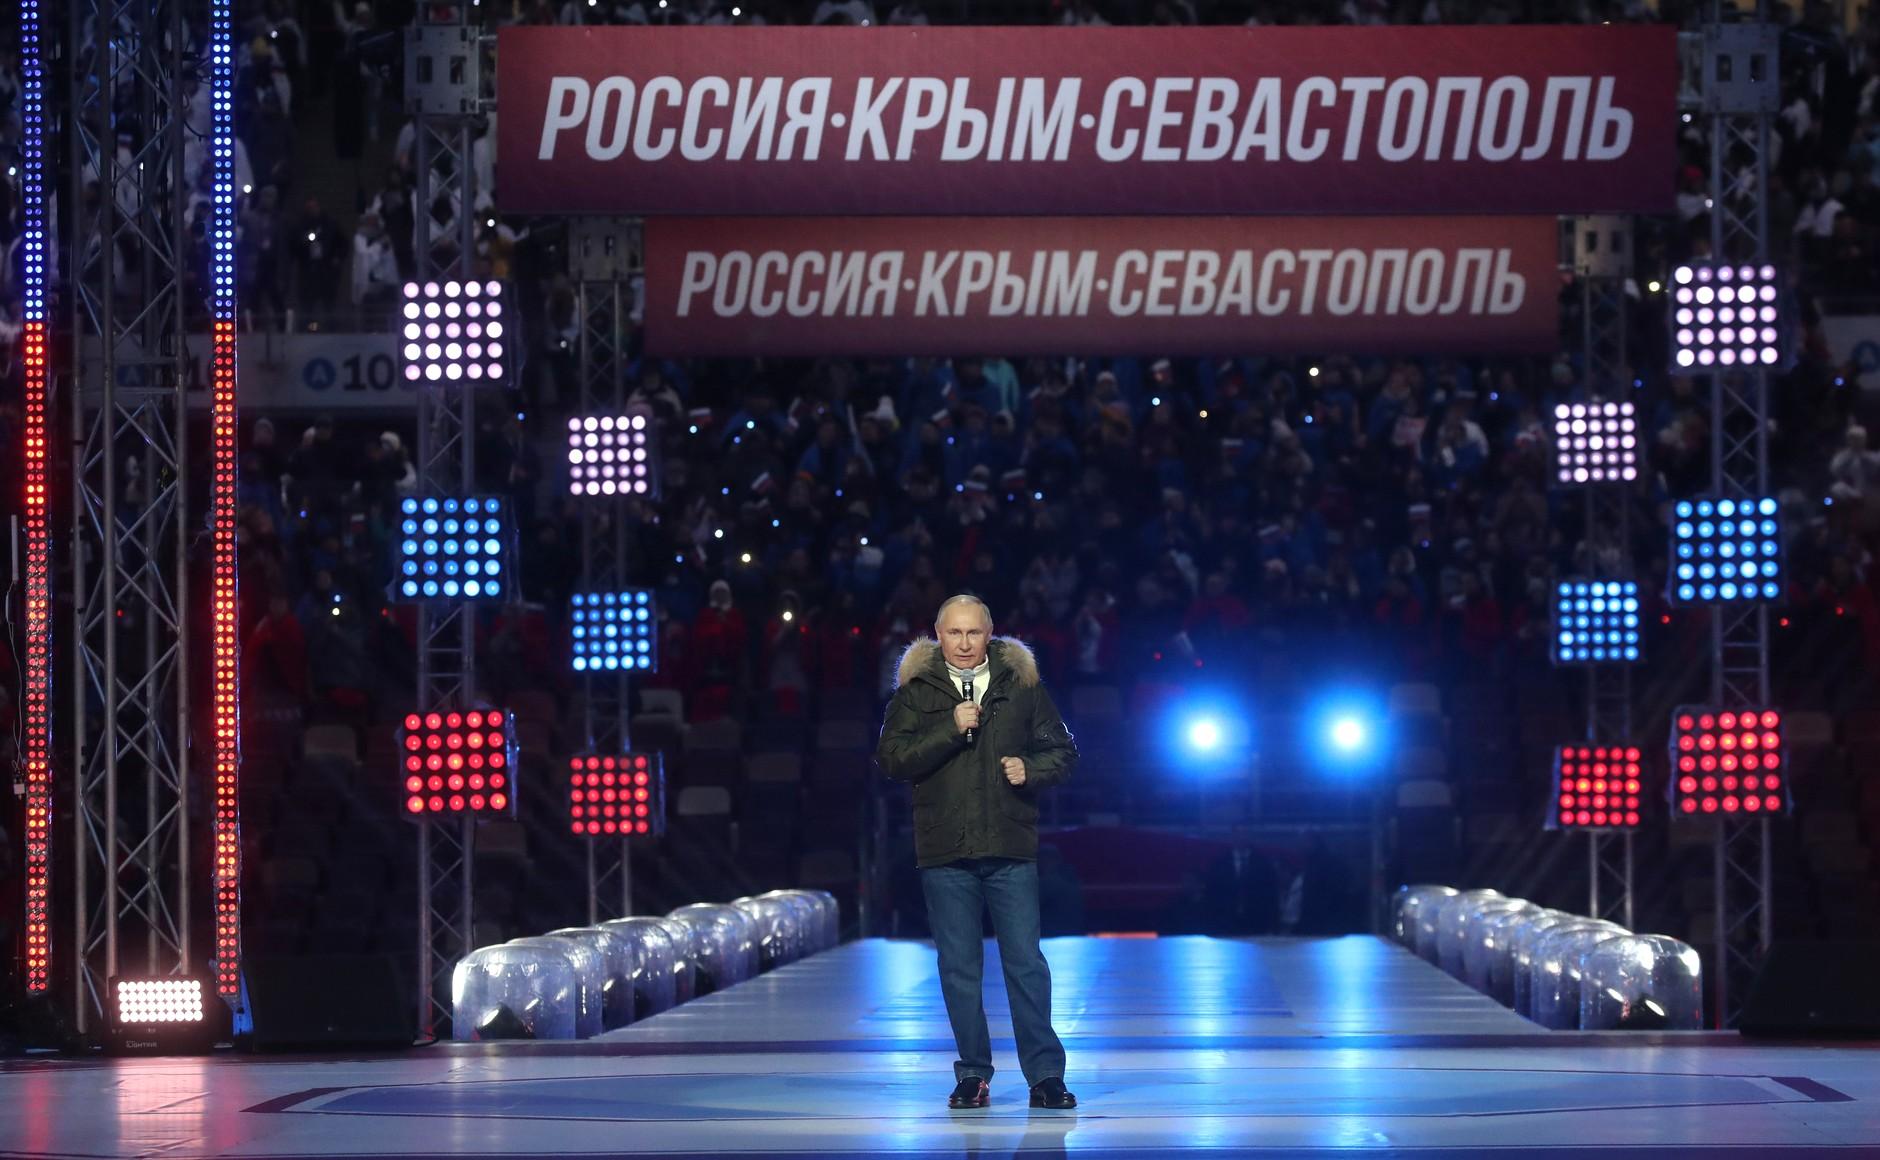 CRIMEE RU 1 XX 3 Concert en l'honneur de l'anniversaire de la réunification de la Crimée avec la Russie - 18 mars 2021 - 18h30